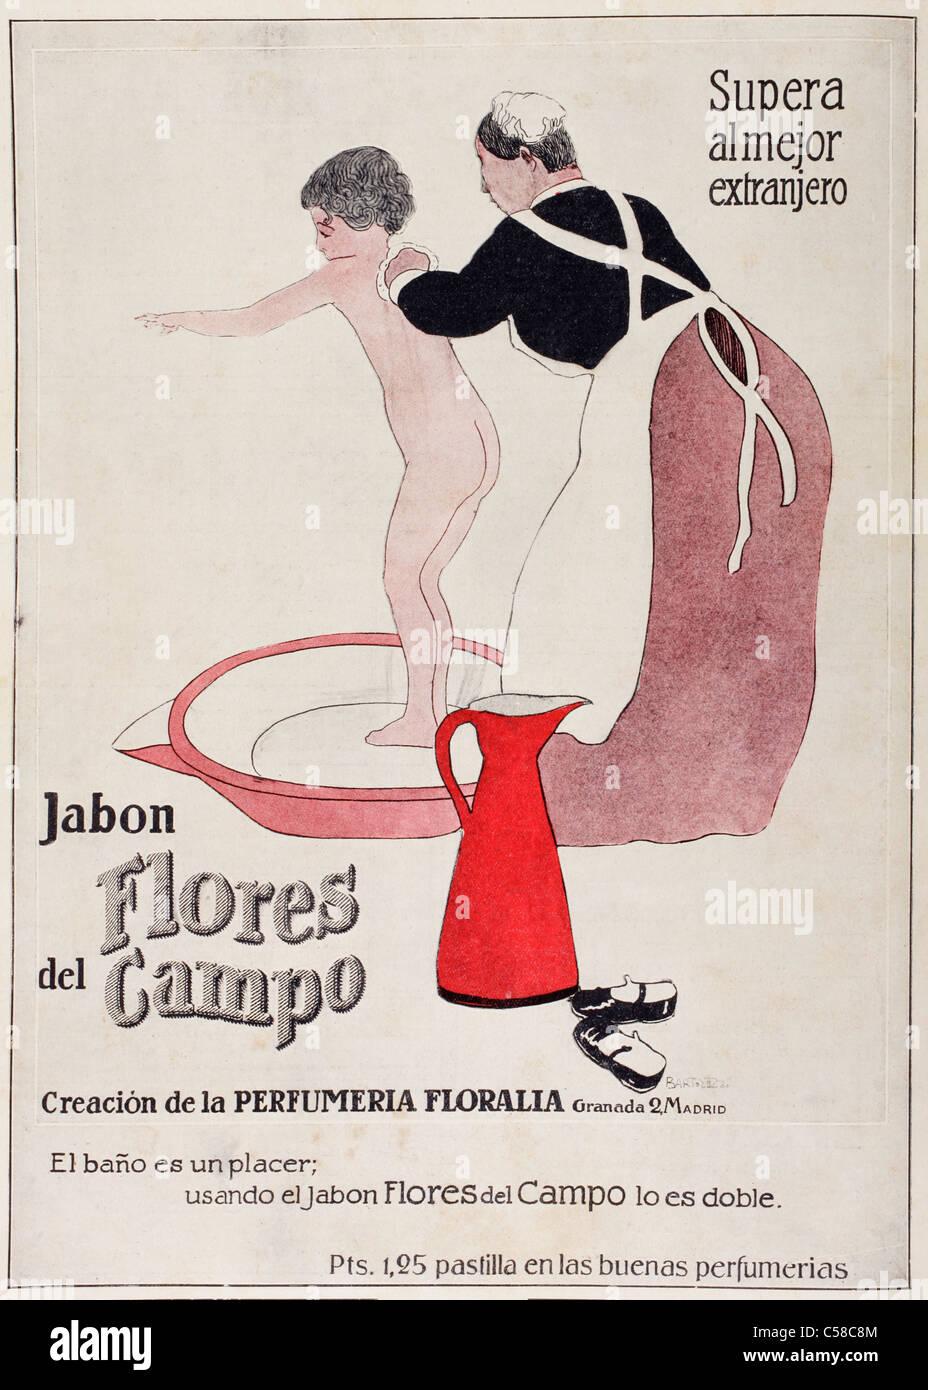 Farbe-Presse-Werbung für Jabon Flores de Campo. (Seife Blumen des Feldes). Stockbild